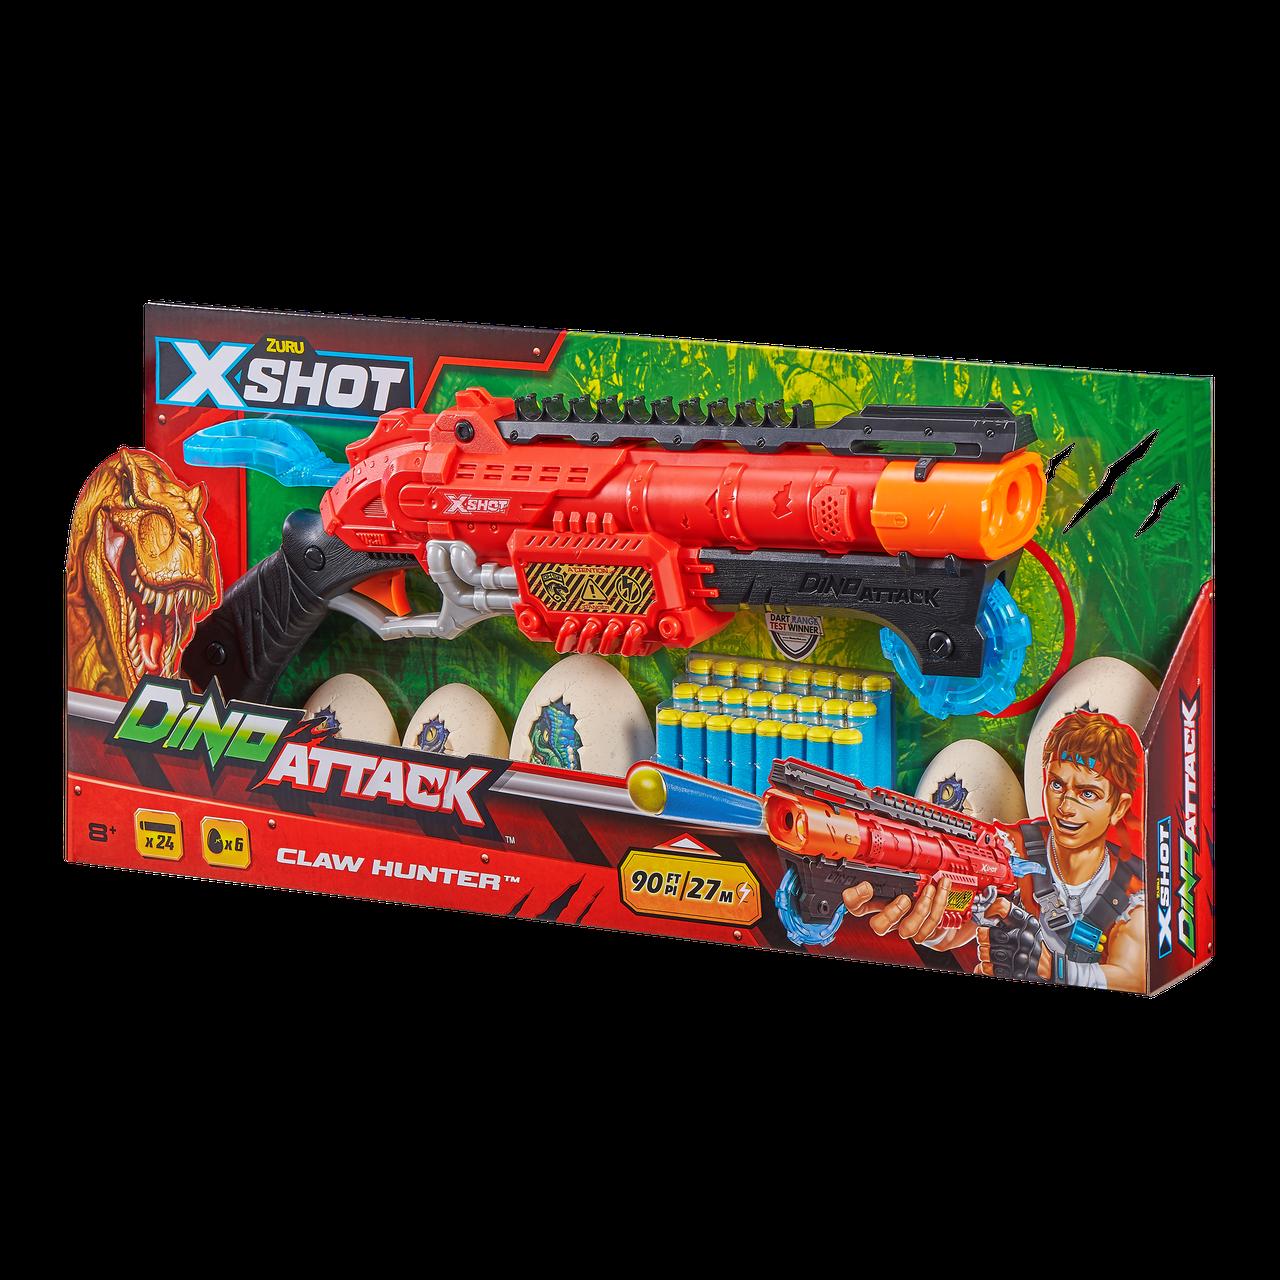 Скорострільний бластер Dino X-Shot claw hunter (2 середніх яйця, 4 маленьких яйця, 24 патрона) (4861)